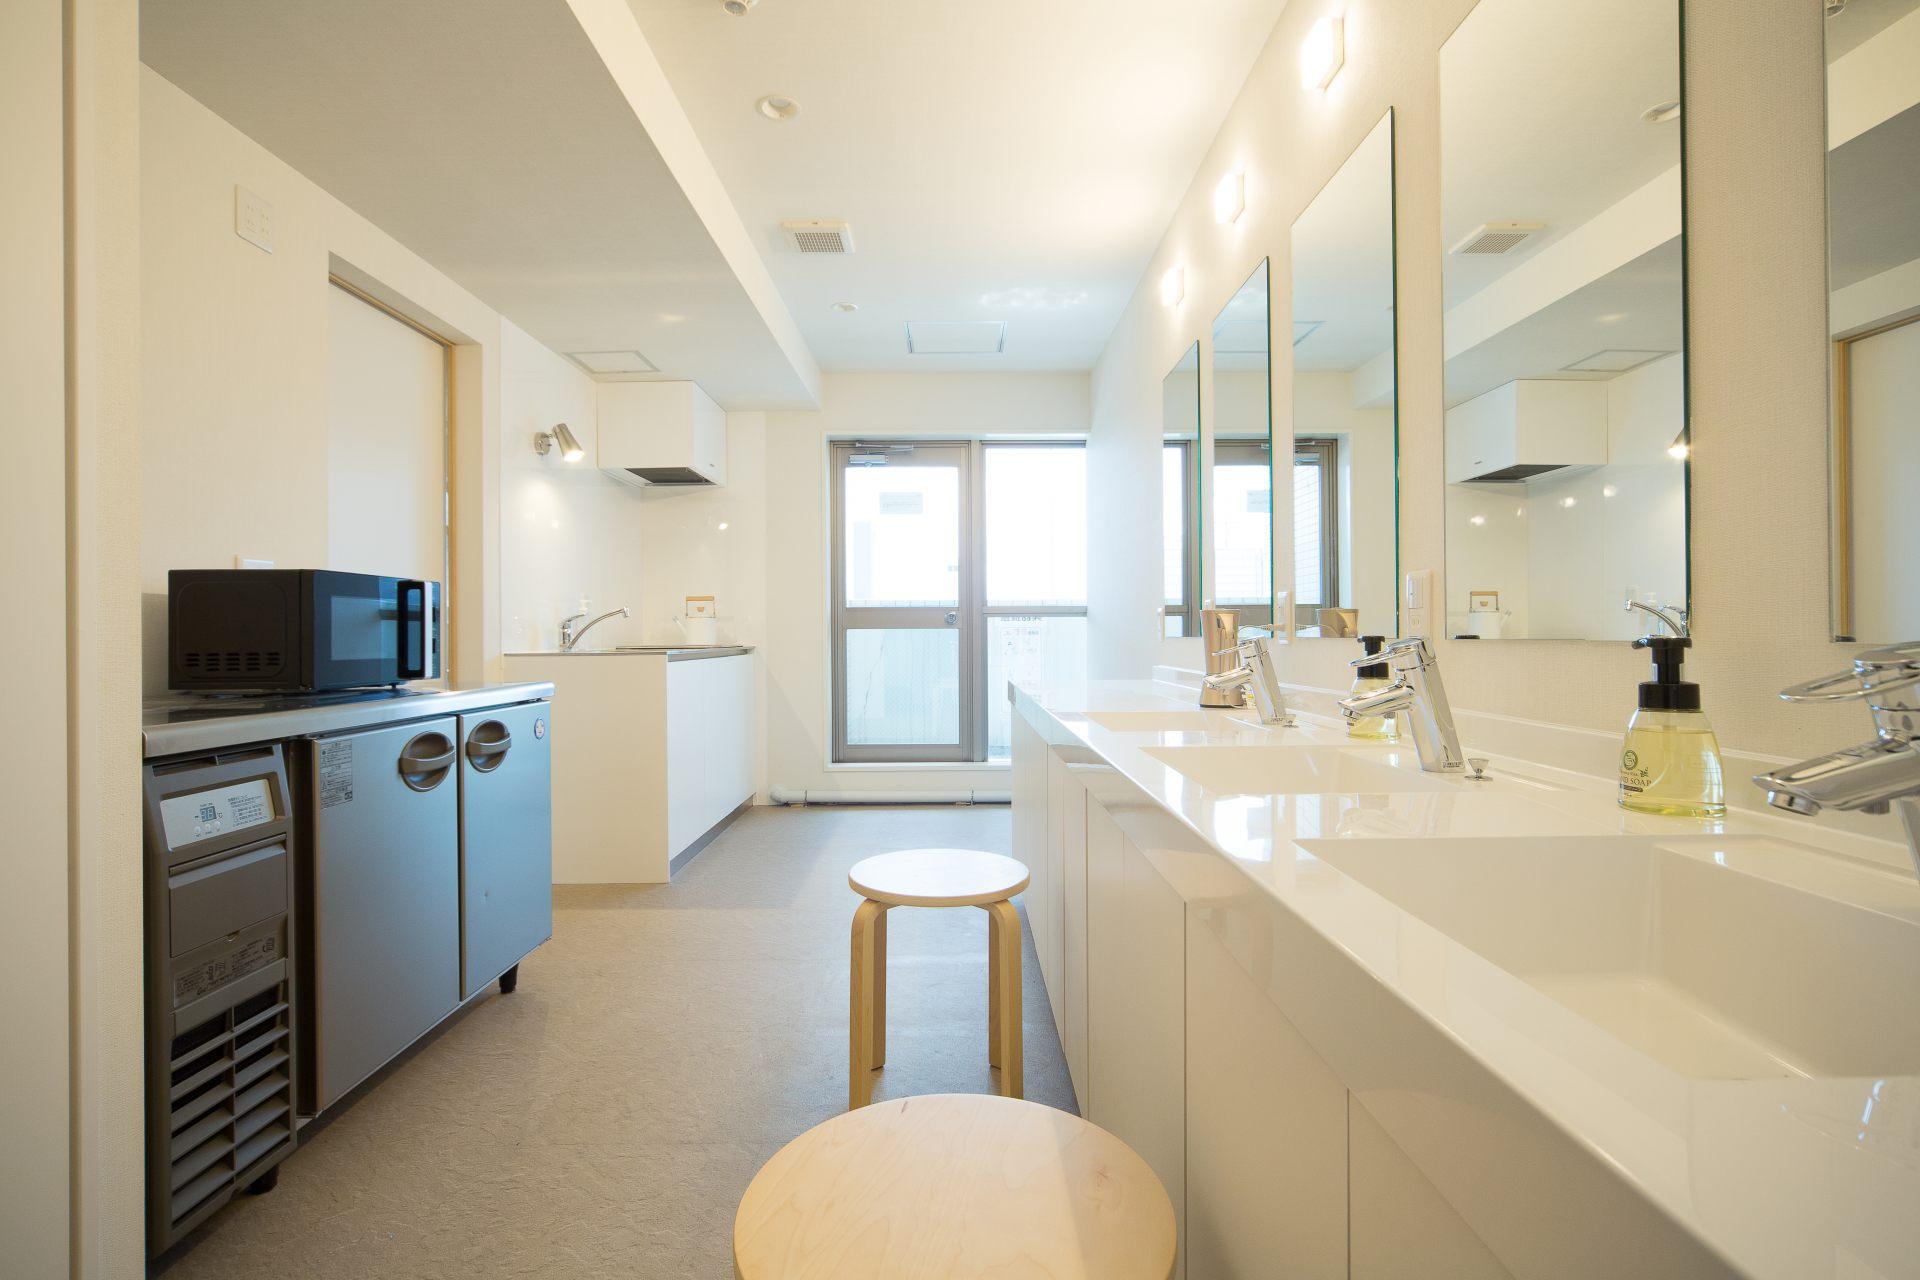 整潔的洗手台和明亮的大鏡子。(10F化妝室&迷你廚房)